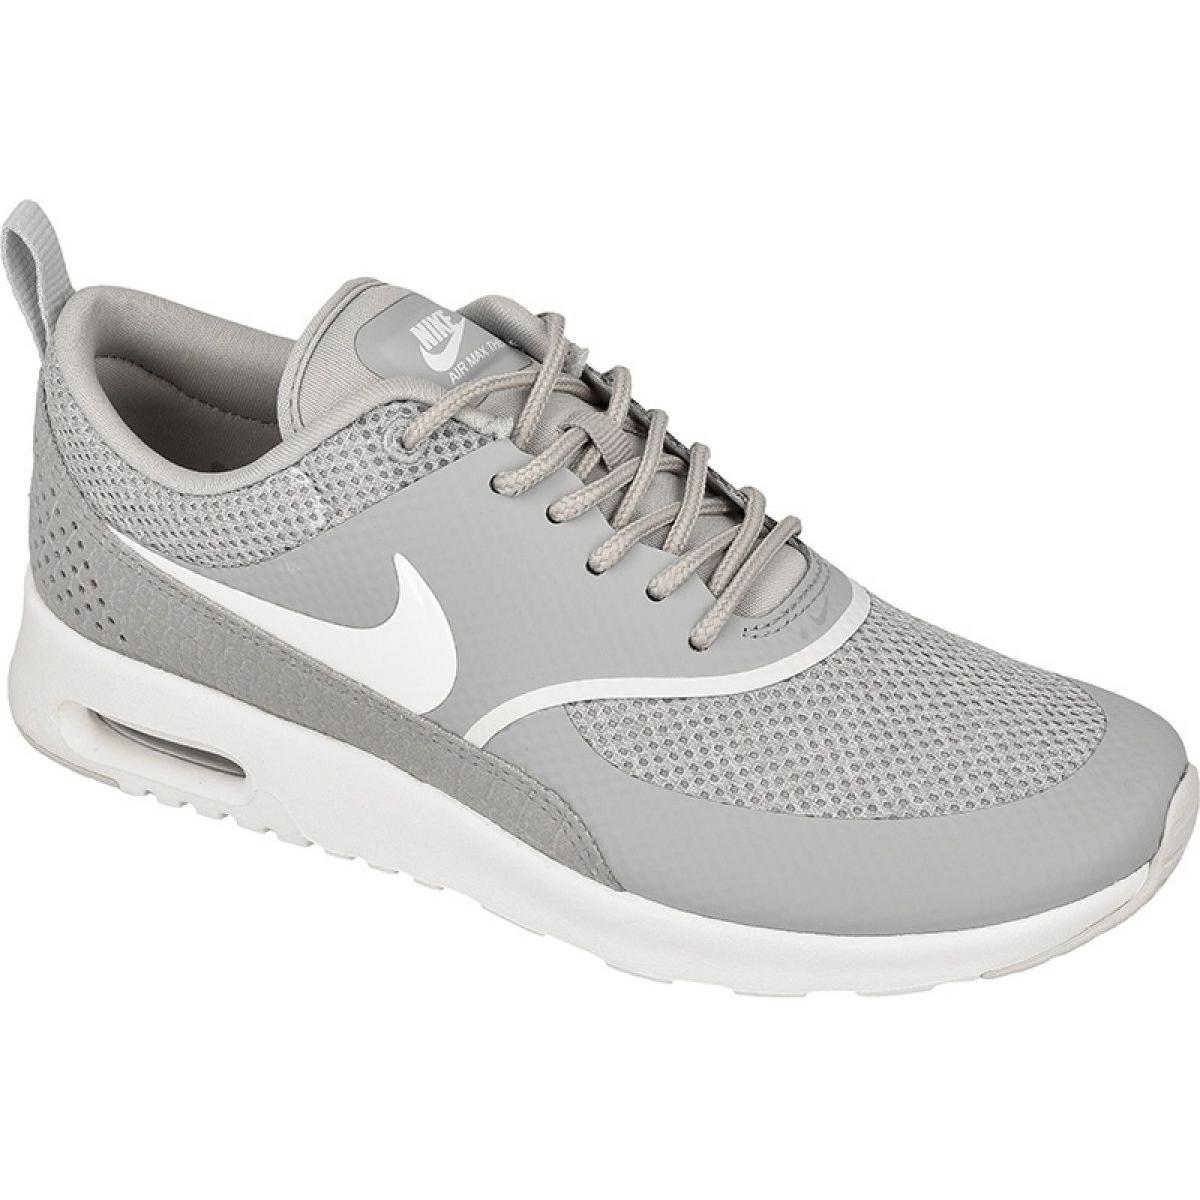 Buty Nike Air Max Thea Print Gs W 820244 002